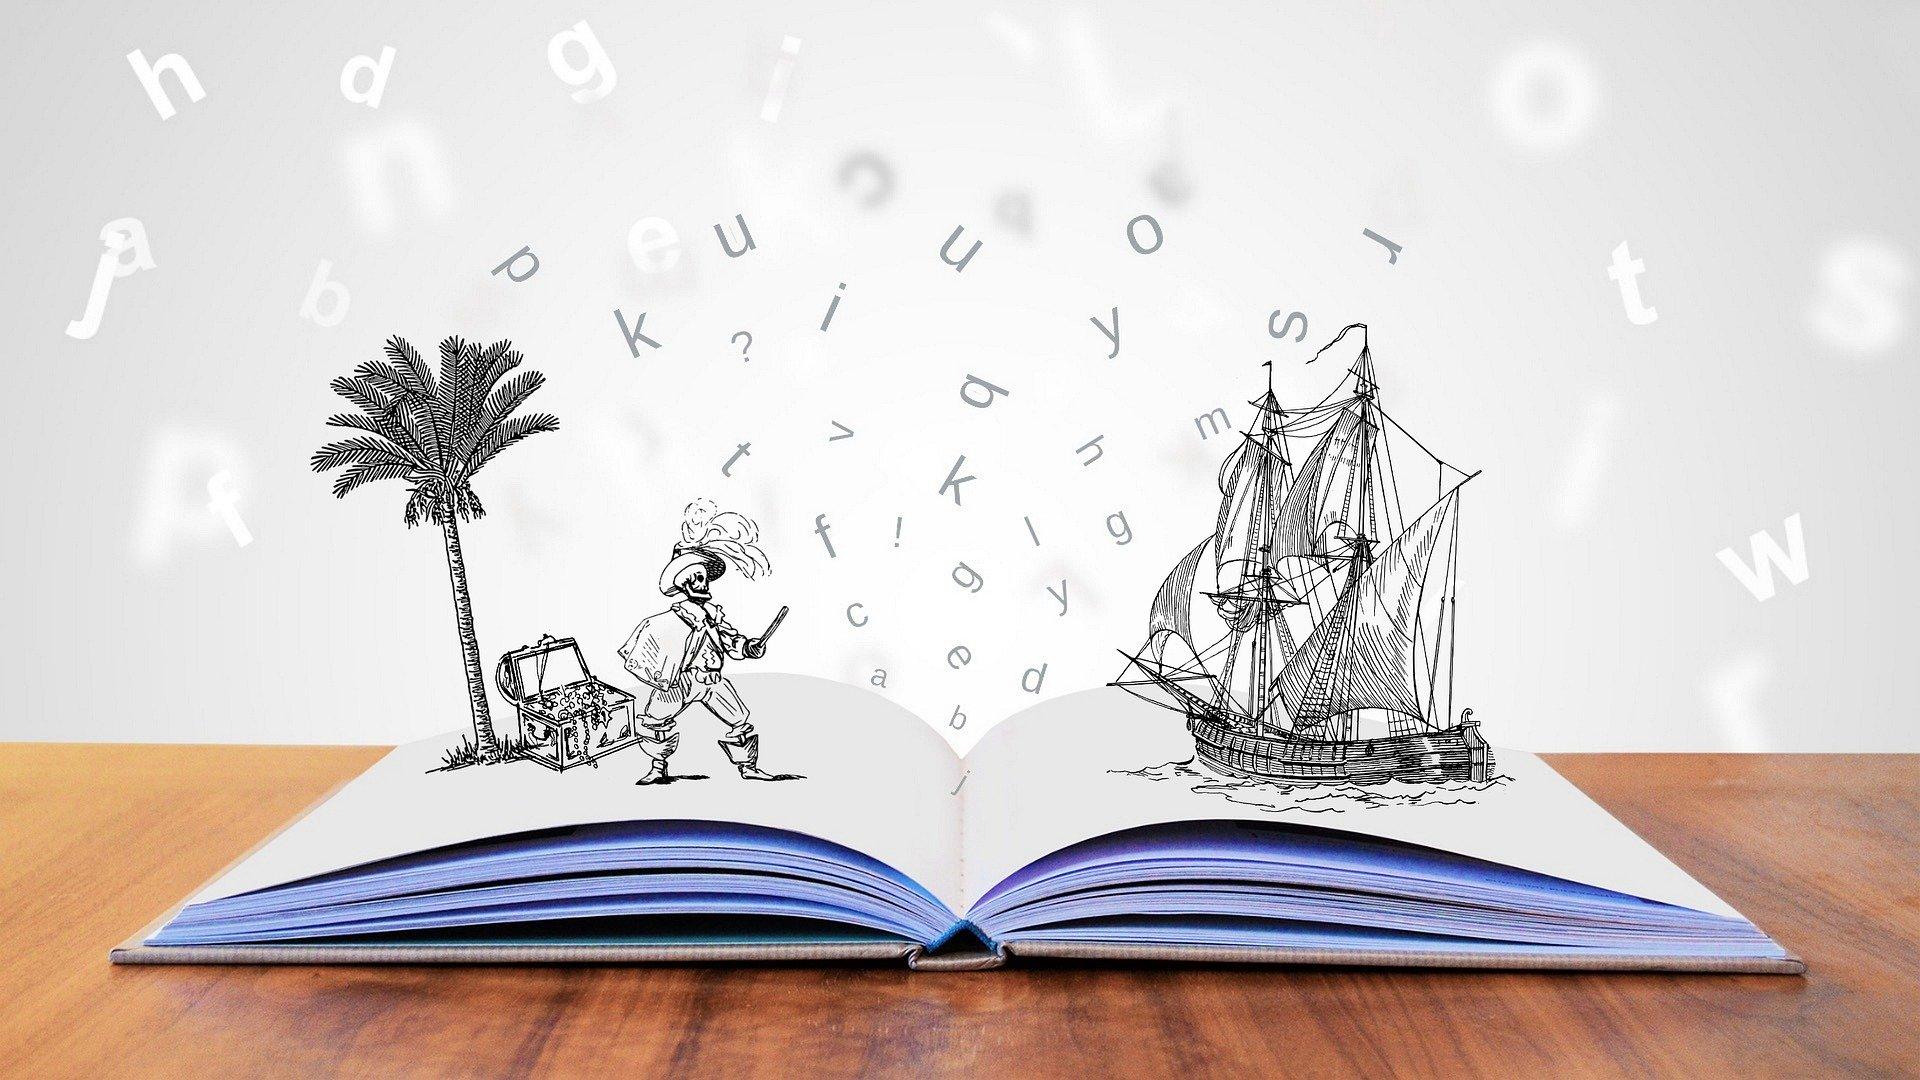 storytelling-4203628_1920 (2)Tumisu